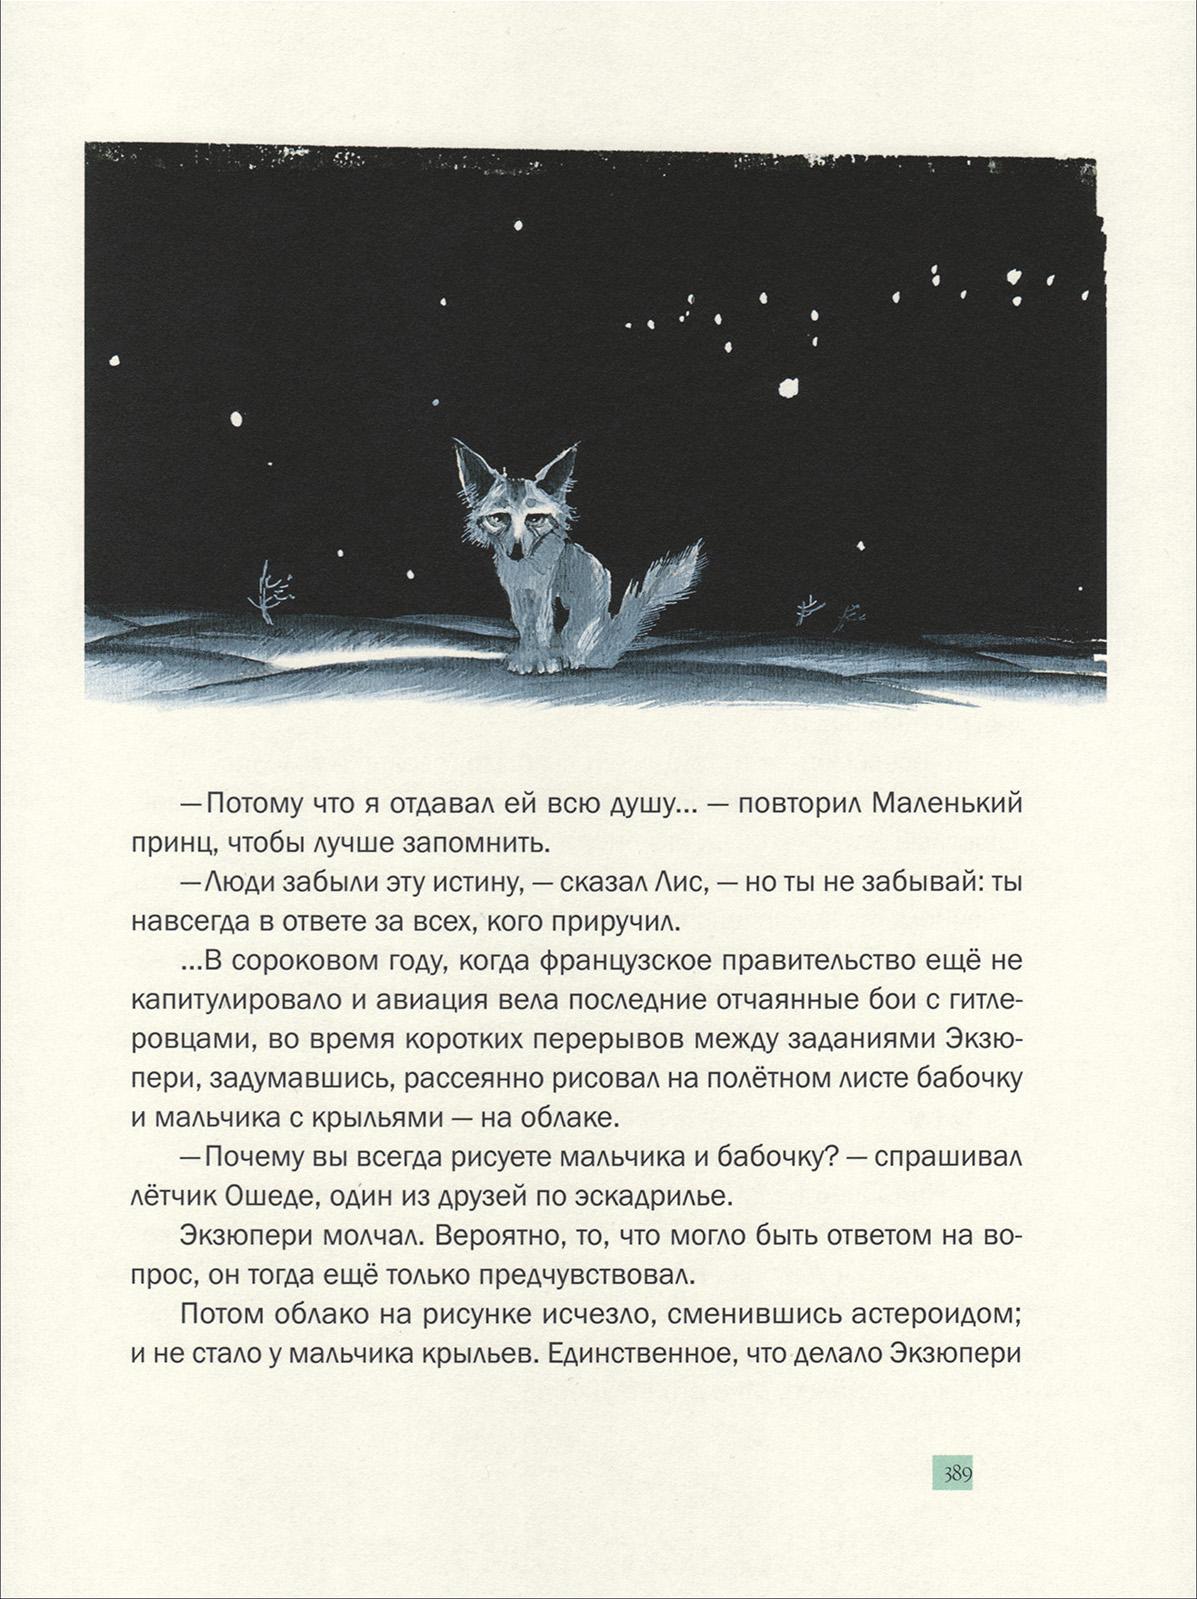 Ника Гольц, Волшебники приходят к людям